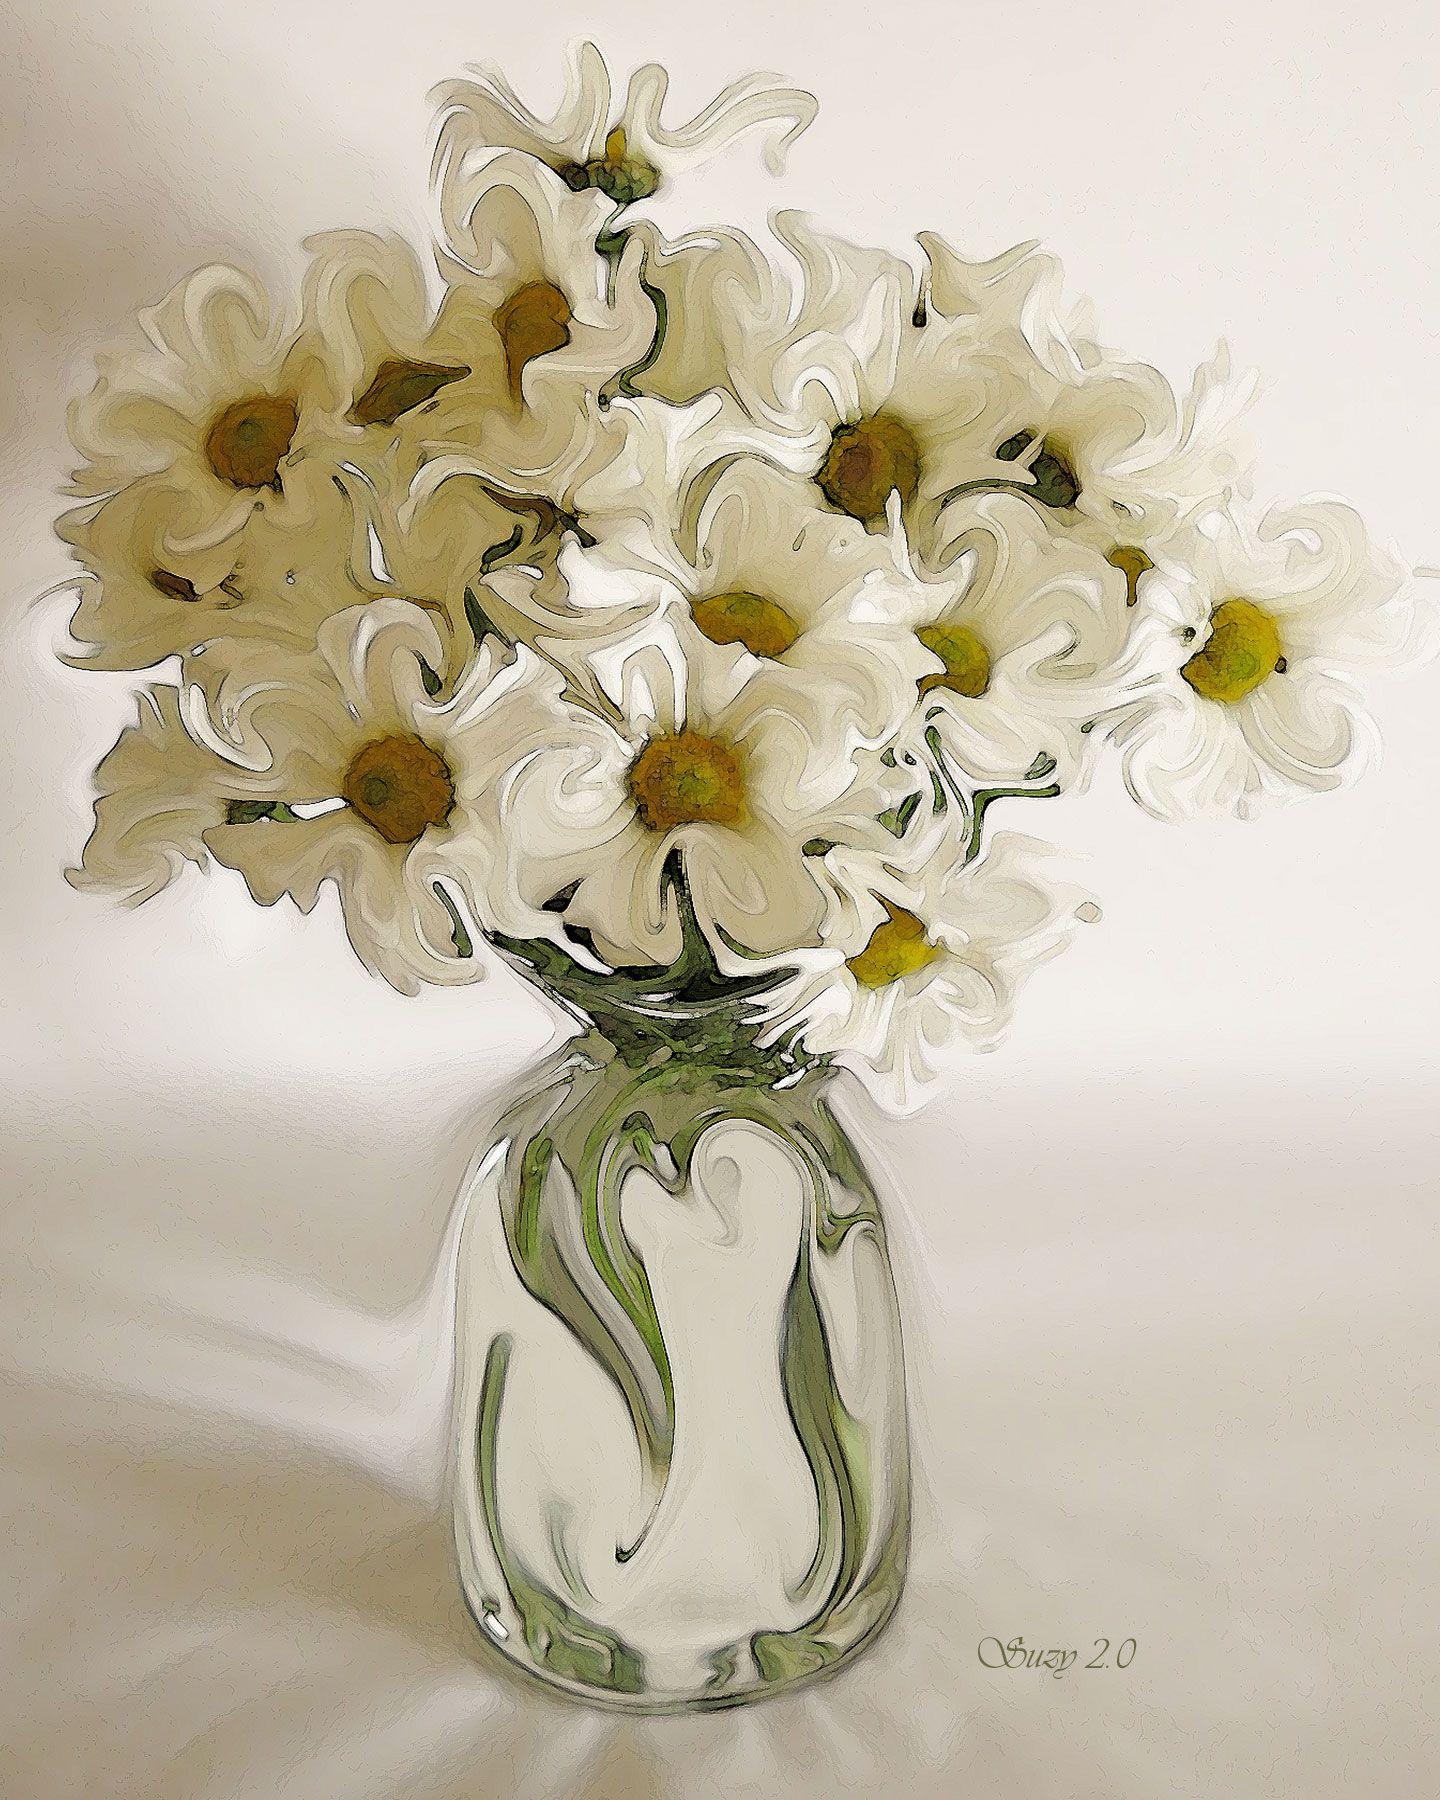 Enchanting flowers white bear lake mn festooning images for dorable flower shops in white bear lake mn vignette best evening mightylinksfo